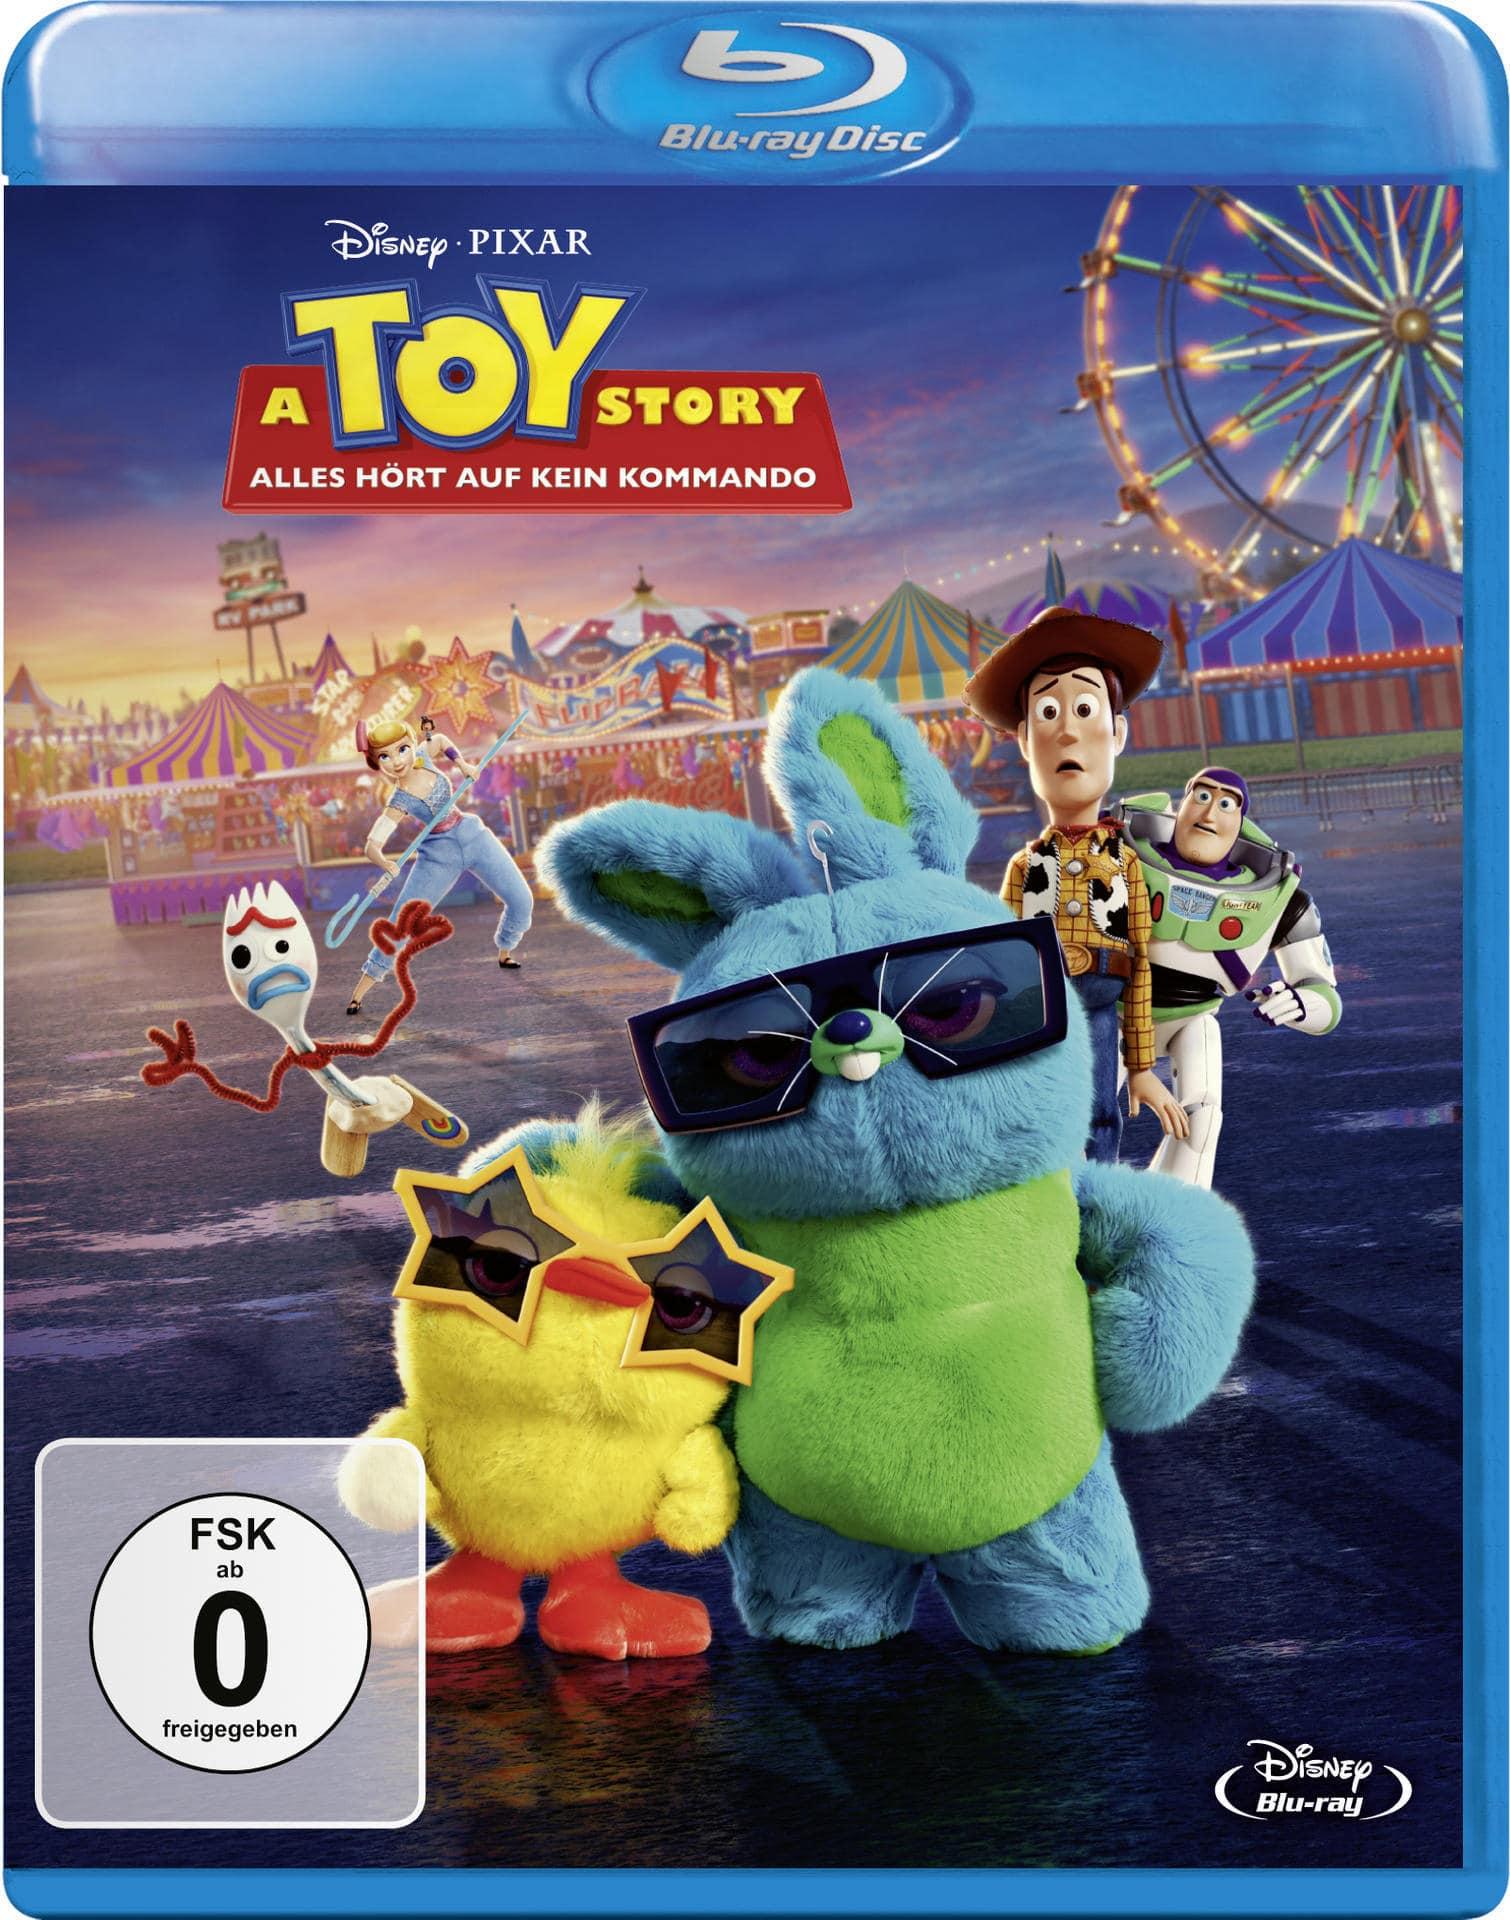 A Toy Story: Alles hört auf kein Kommando (BLU-RAY) für 18,99 Euro